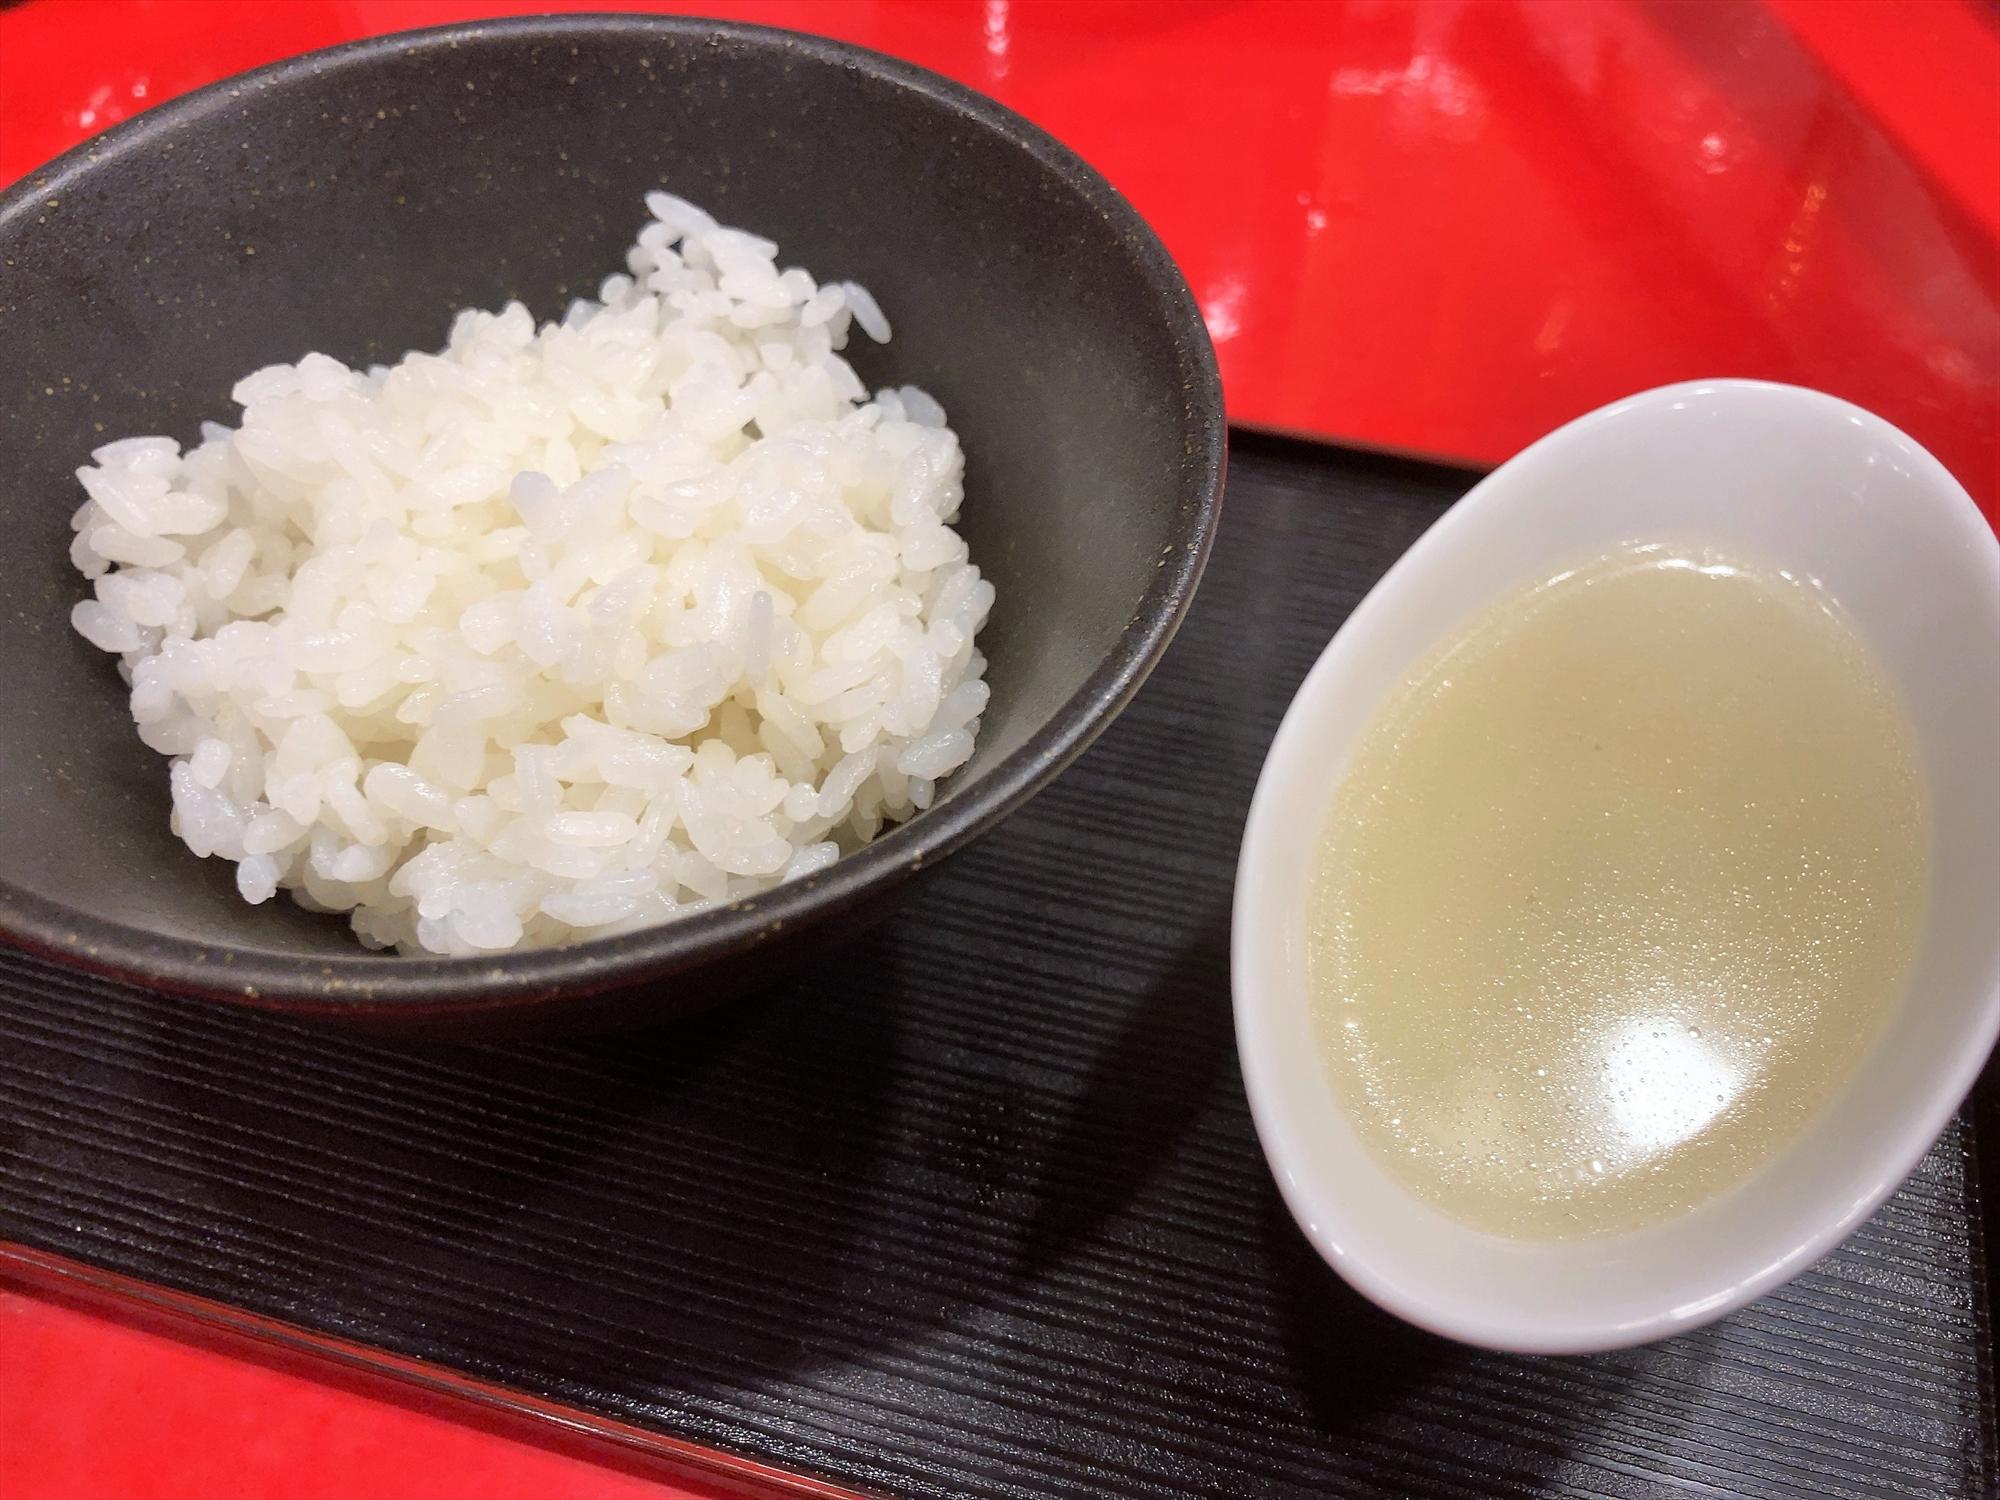 汁なし担々麺っぽい専門店 ラボラトリー「雑炊セット」